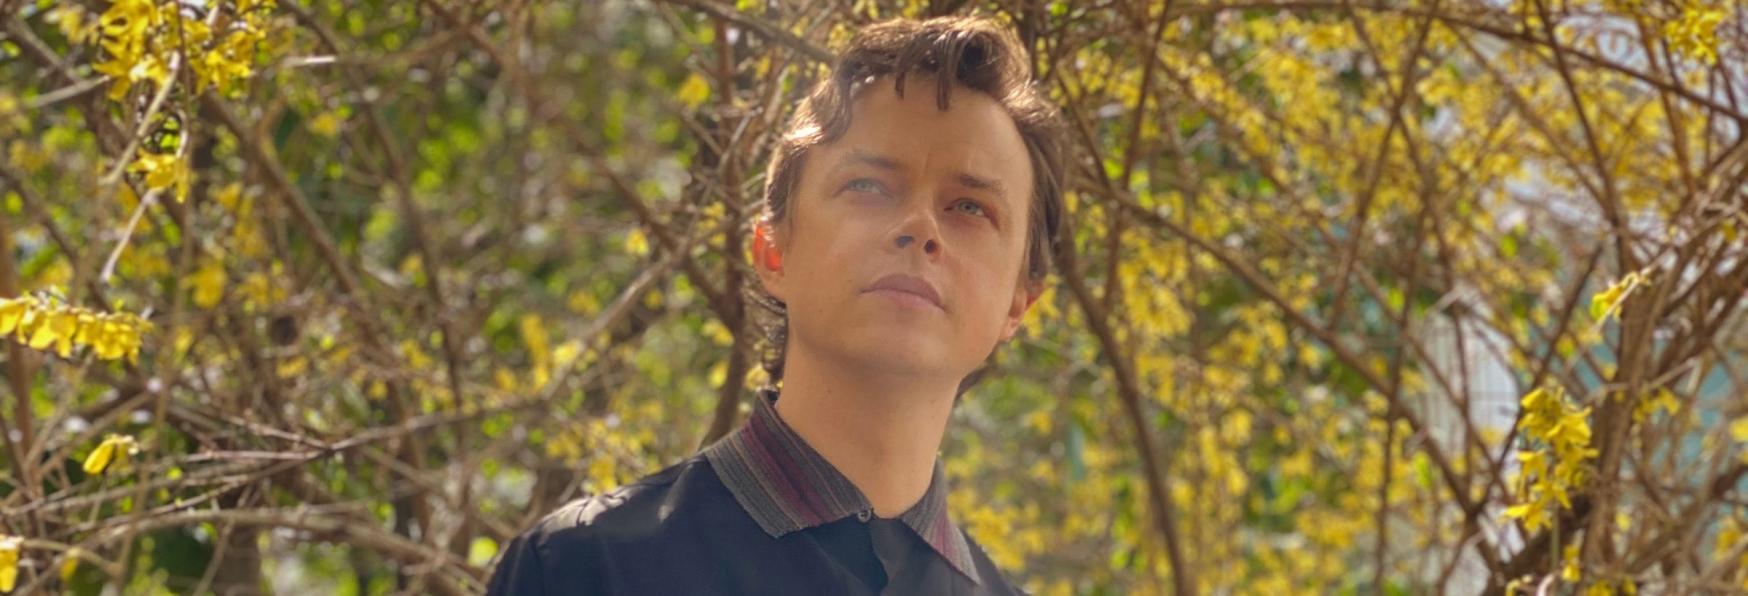 La Storia di Lisey: Dane DeHaan parla del Personaggio da lui interpretato nella nuova Serie TV